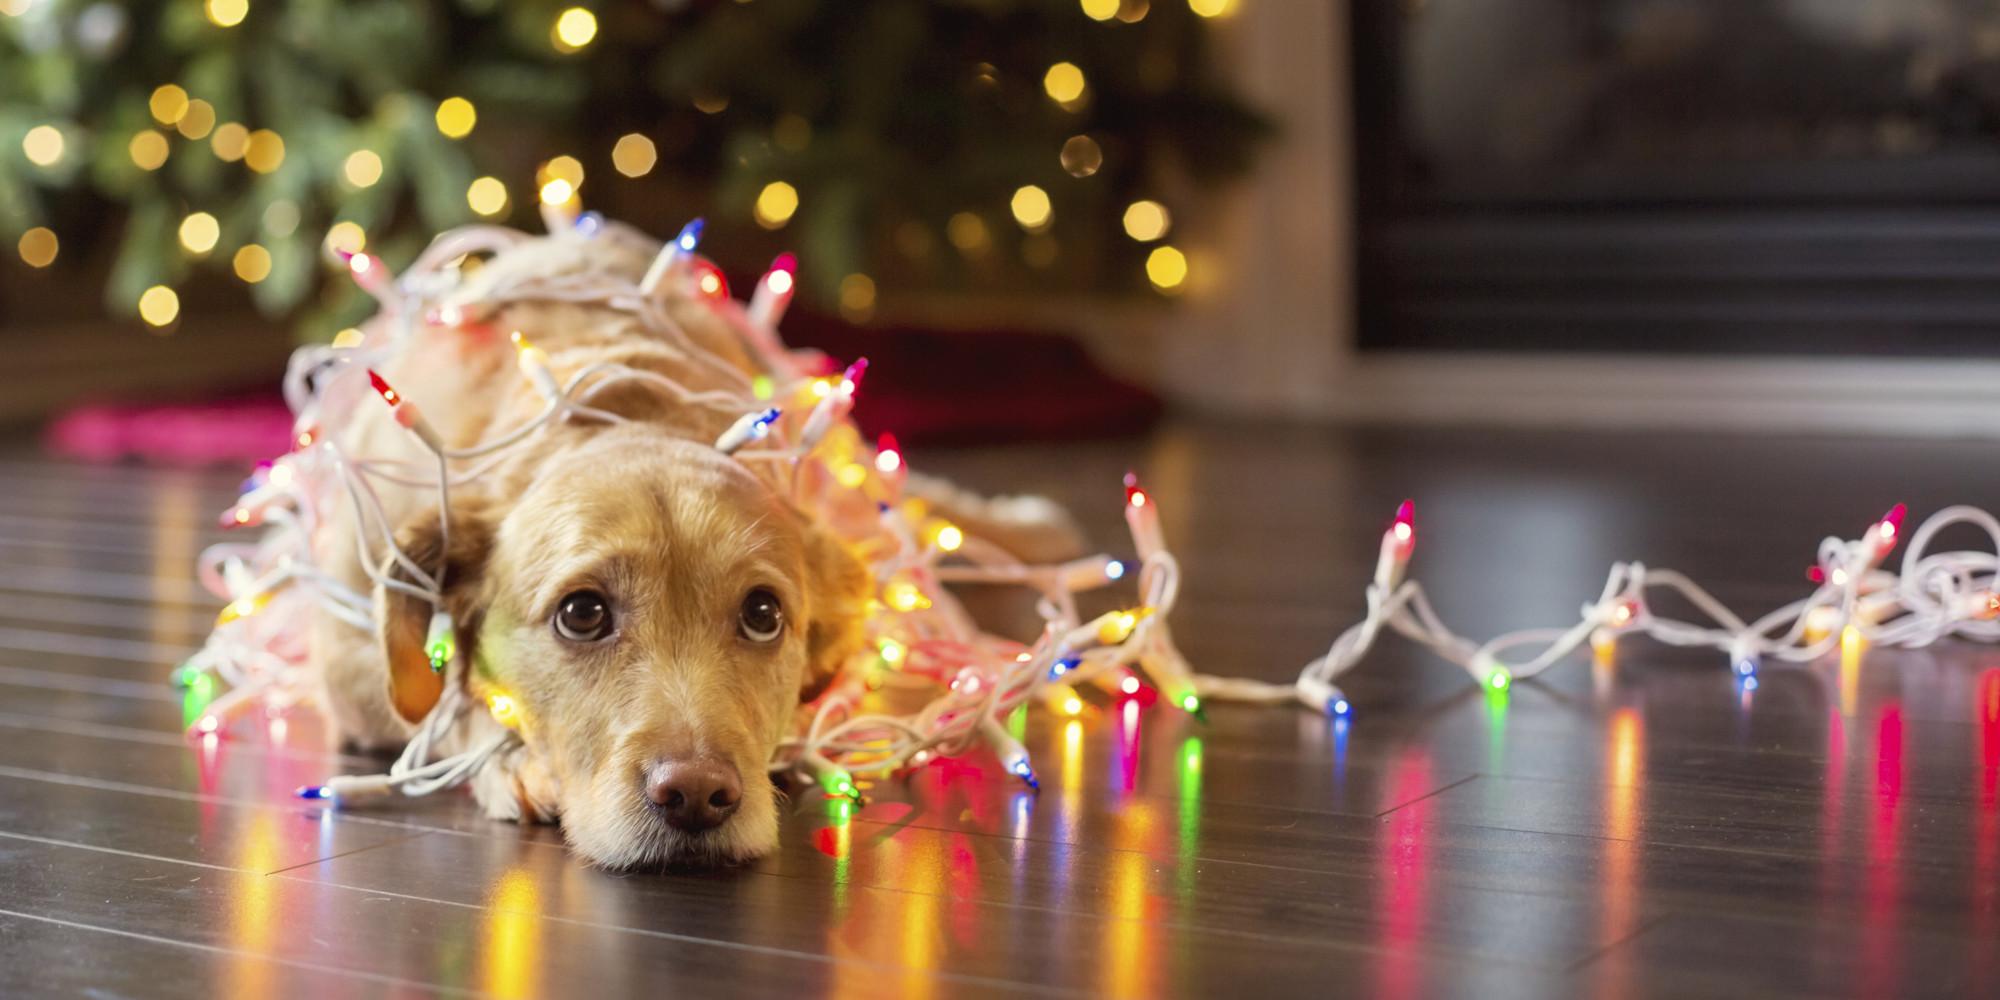 Christmas dog   Christmas Photo 40835700 2000x1000